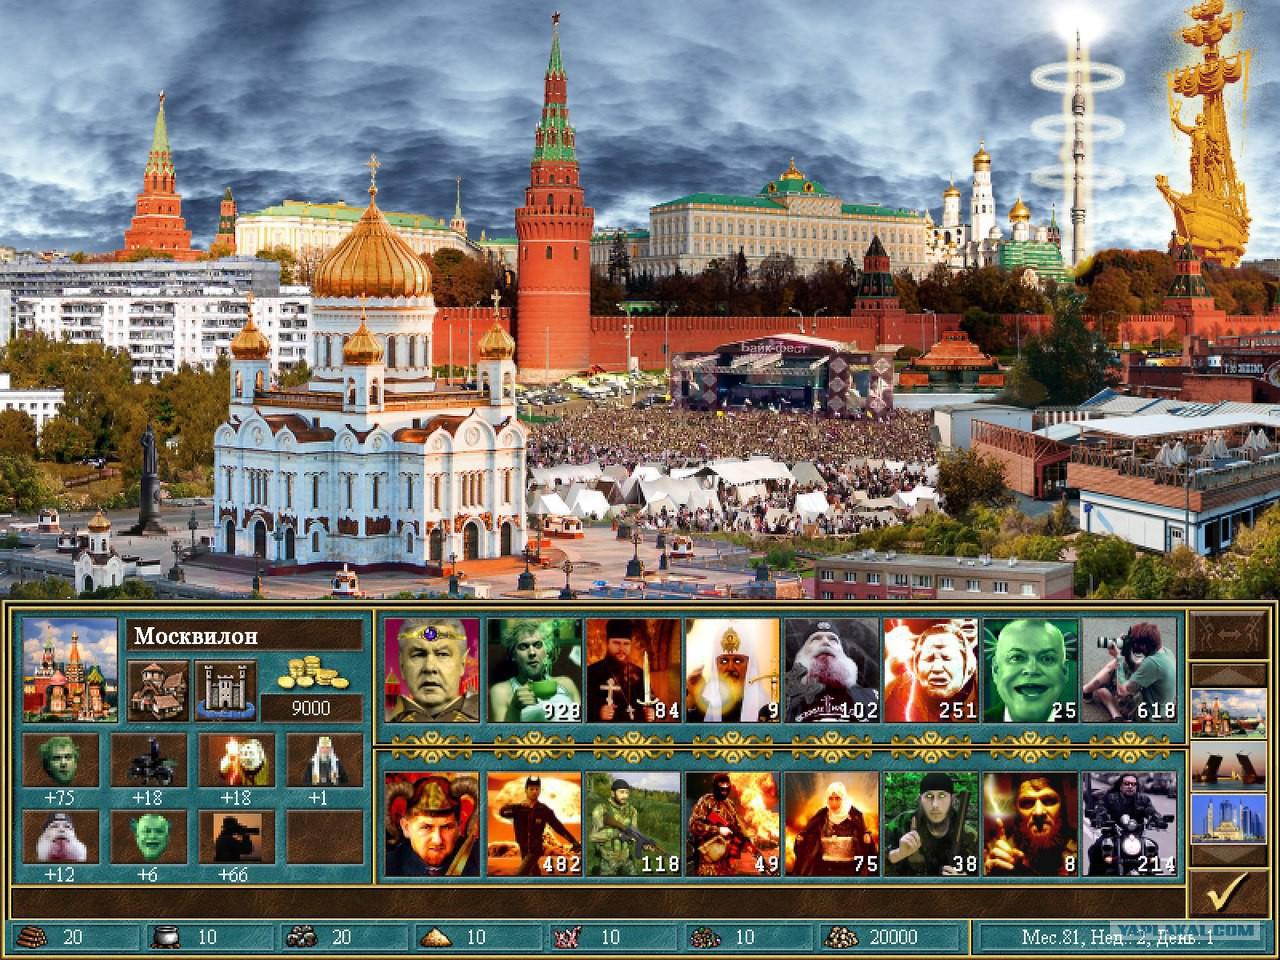 работа в москве реклама без опыта